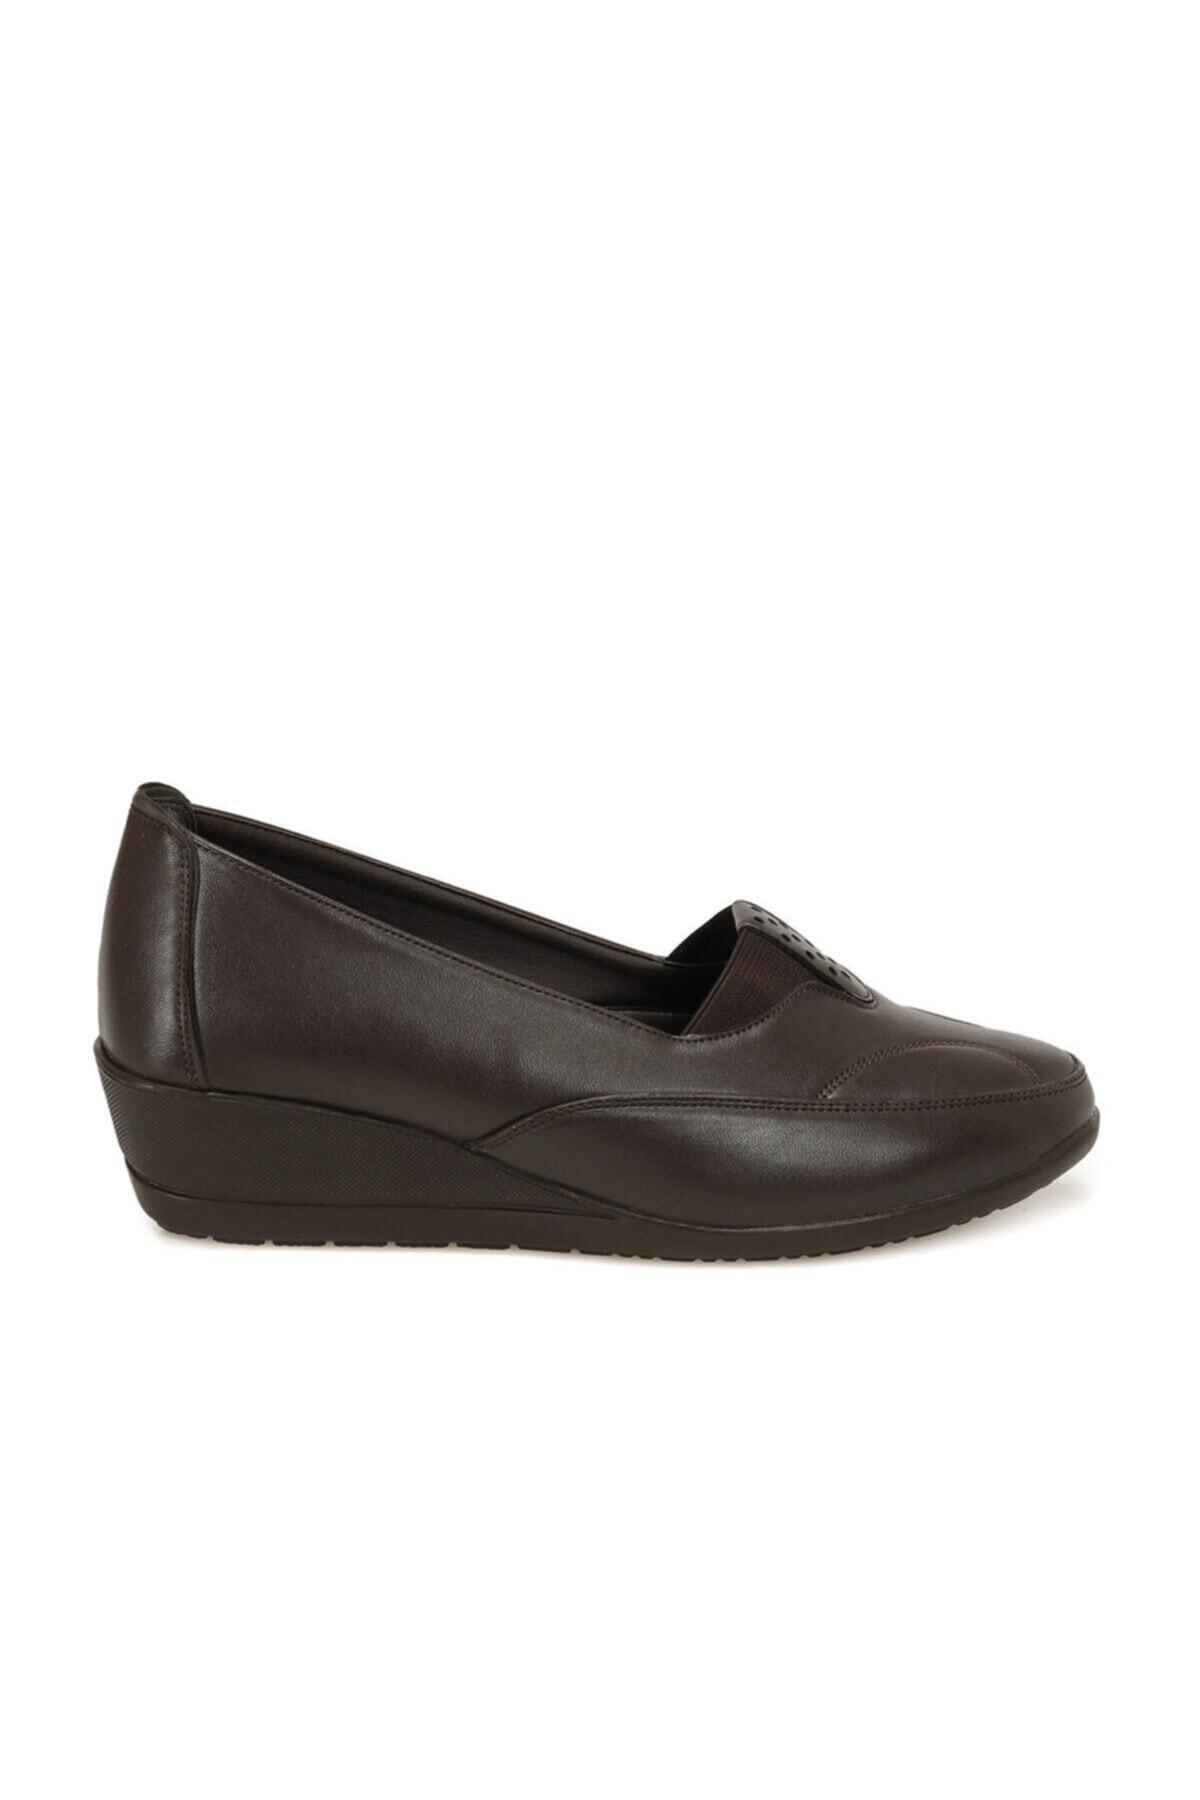 Polaris 161347.Z Kahverengi Kadın Comfort Ayakkabı 100548368 2